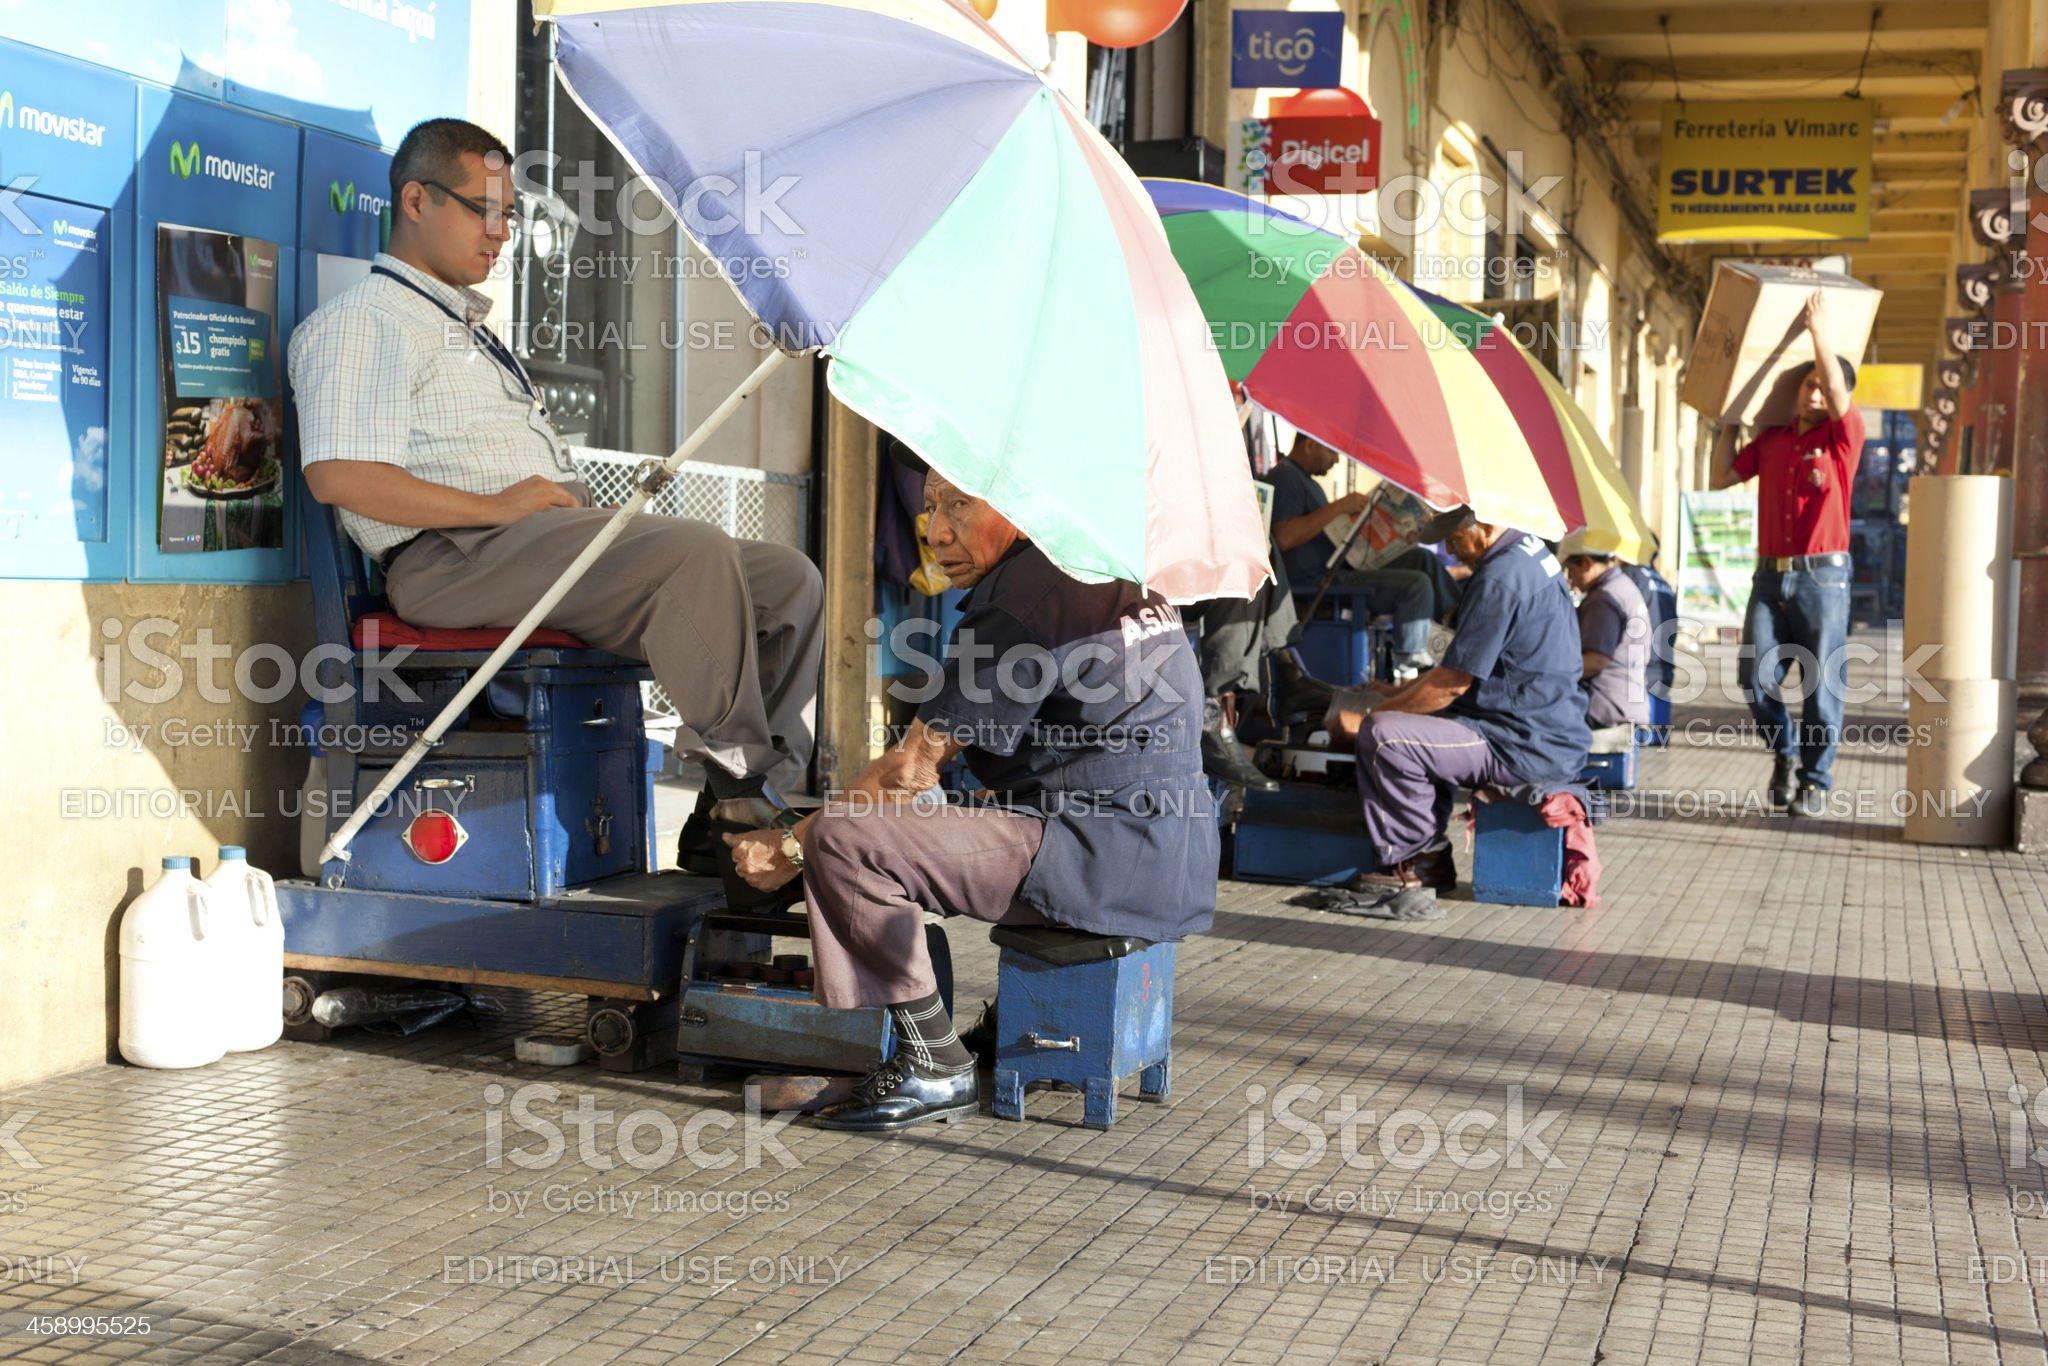 Shoeshiner royalty-free stock photo